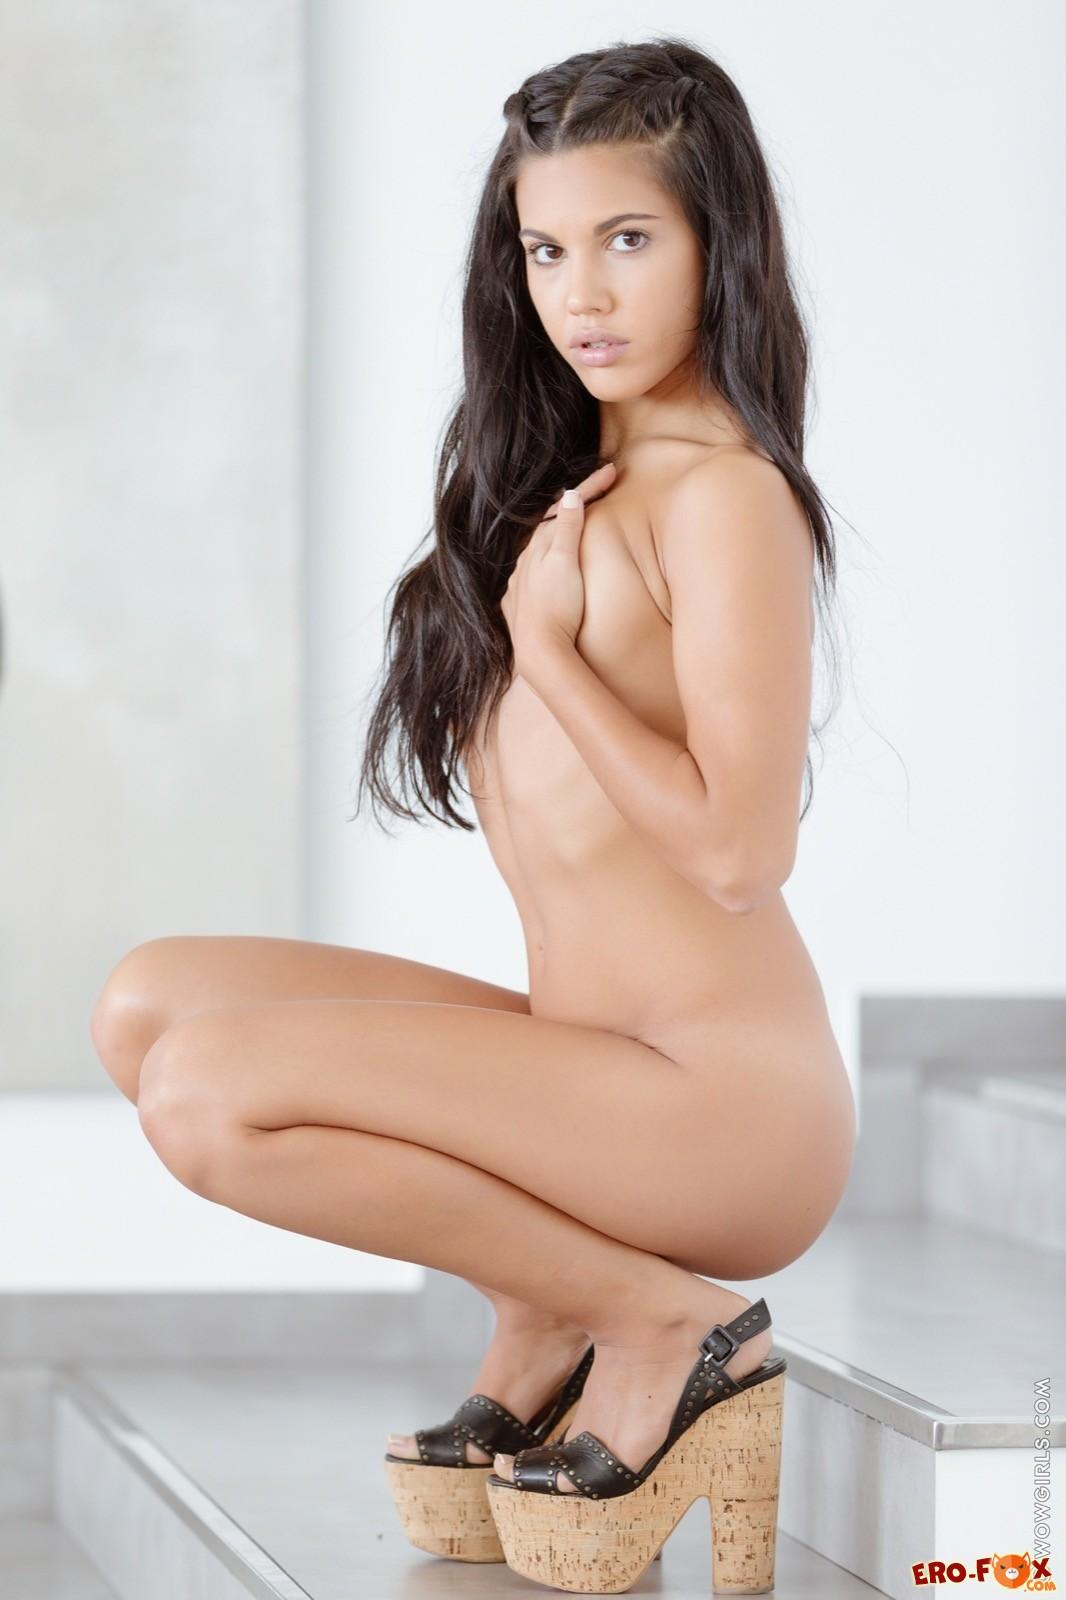 Симпатичная девушка с очень мелкими сиськами